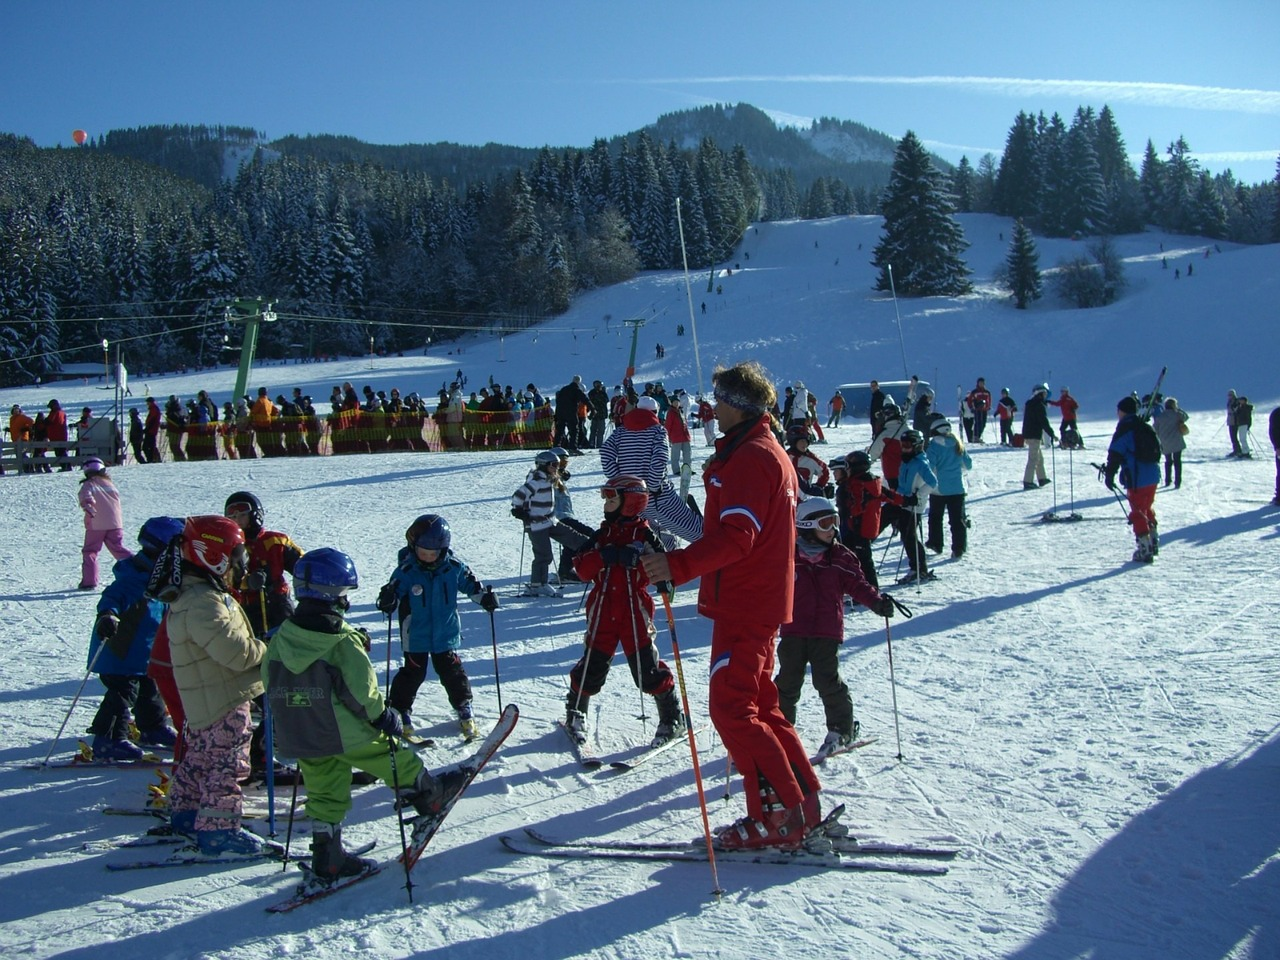 Szkolenie narciarskie dla dzieci — jak przygotować dziecko?